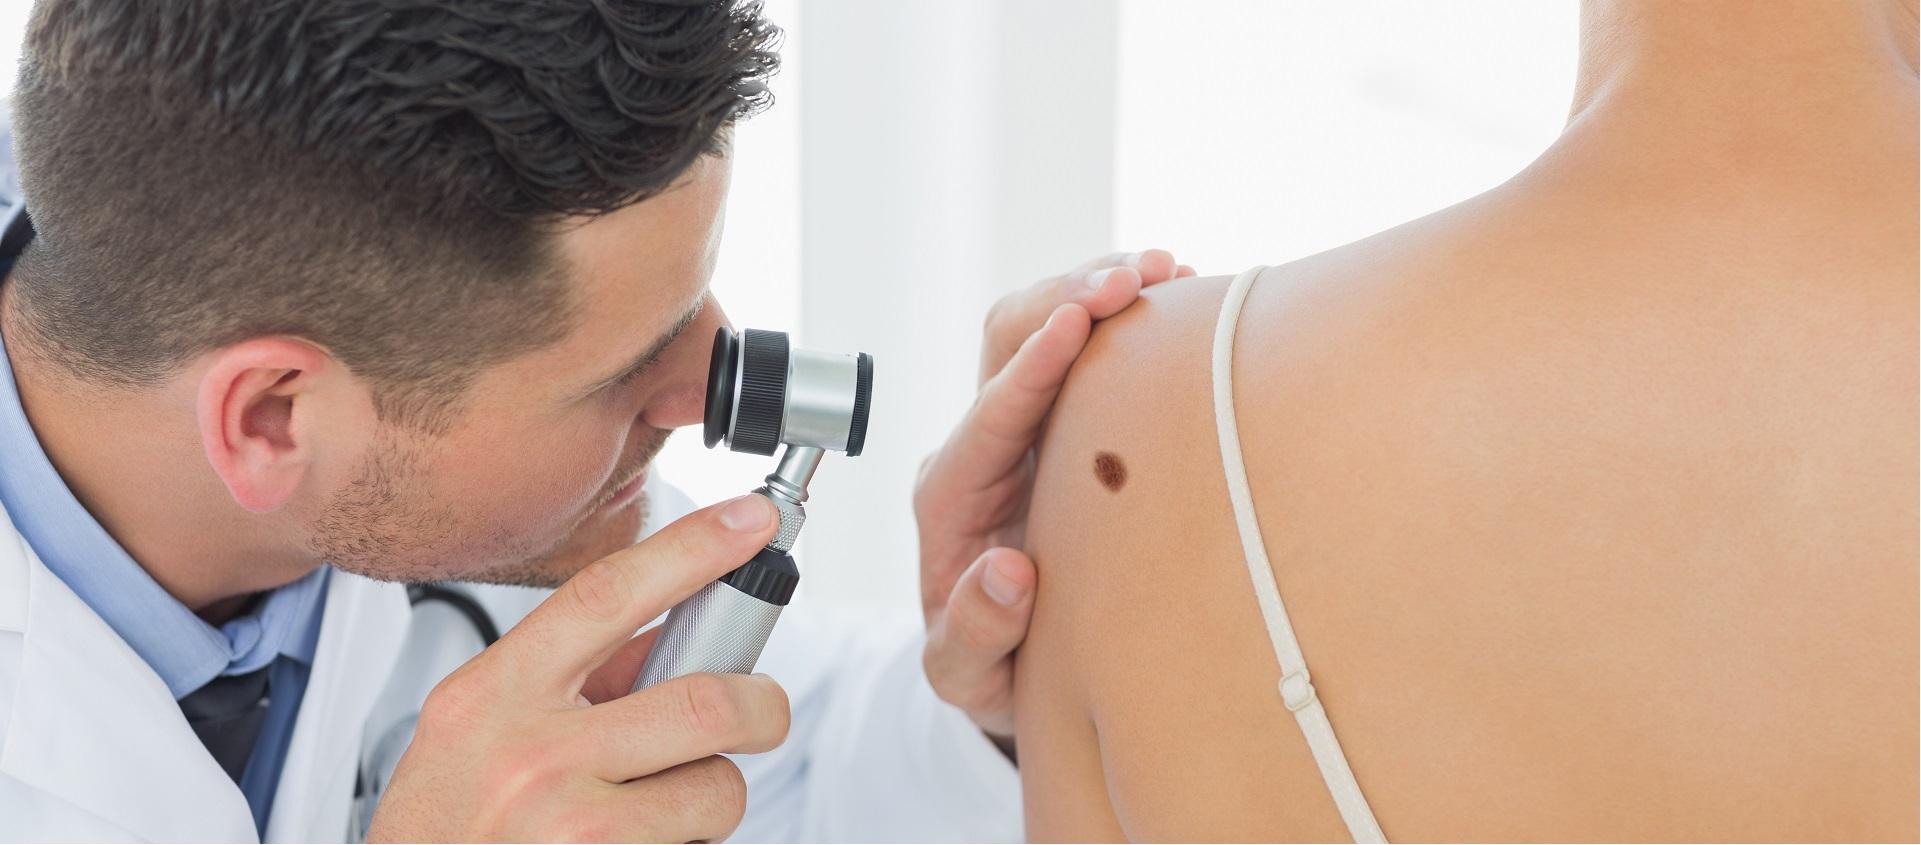 Mudança na lei permite 3 faltas para exame de prevenção do câncer